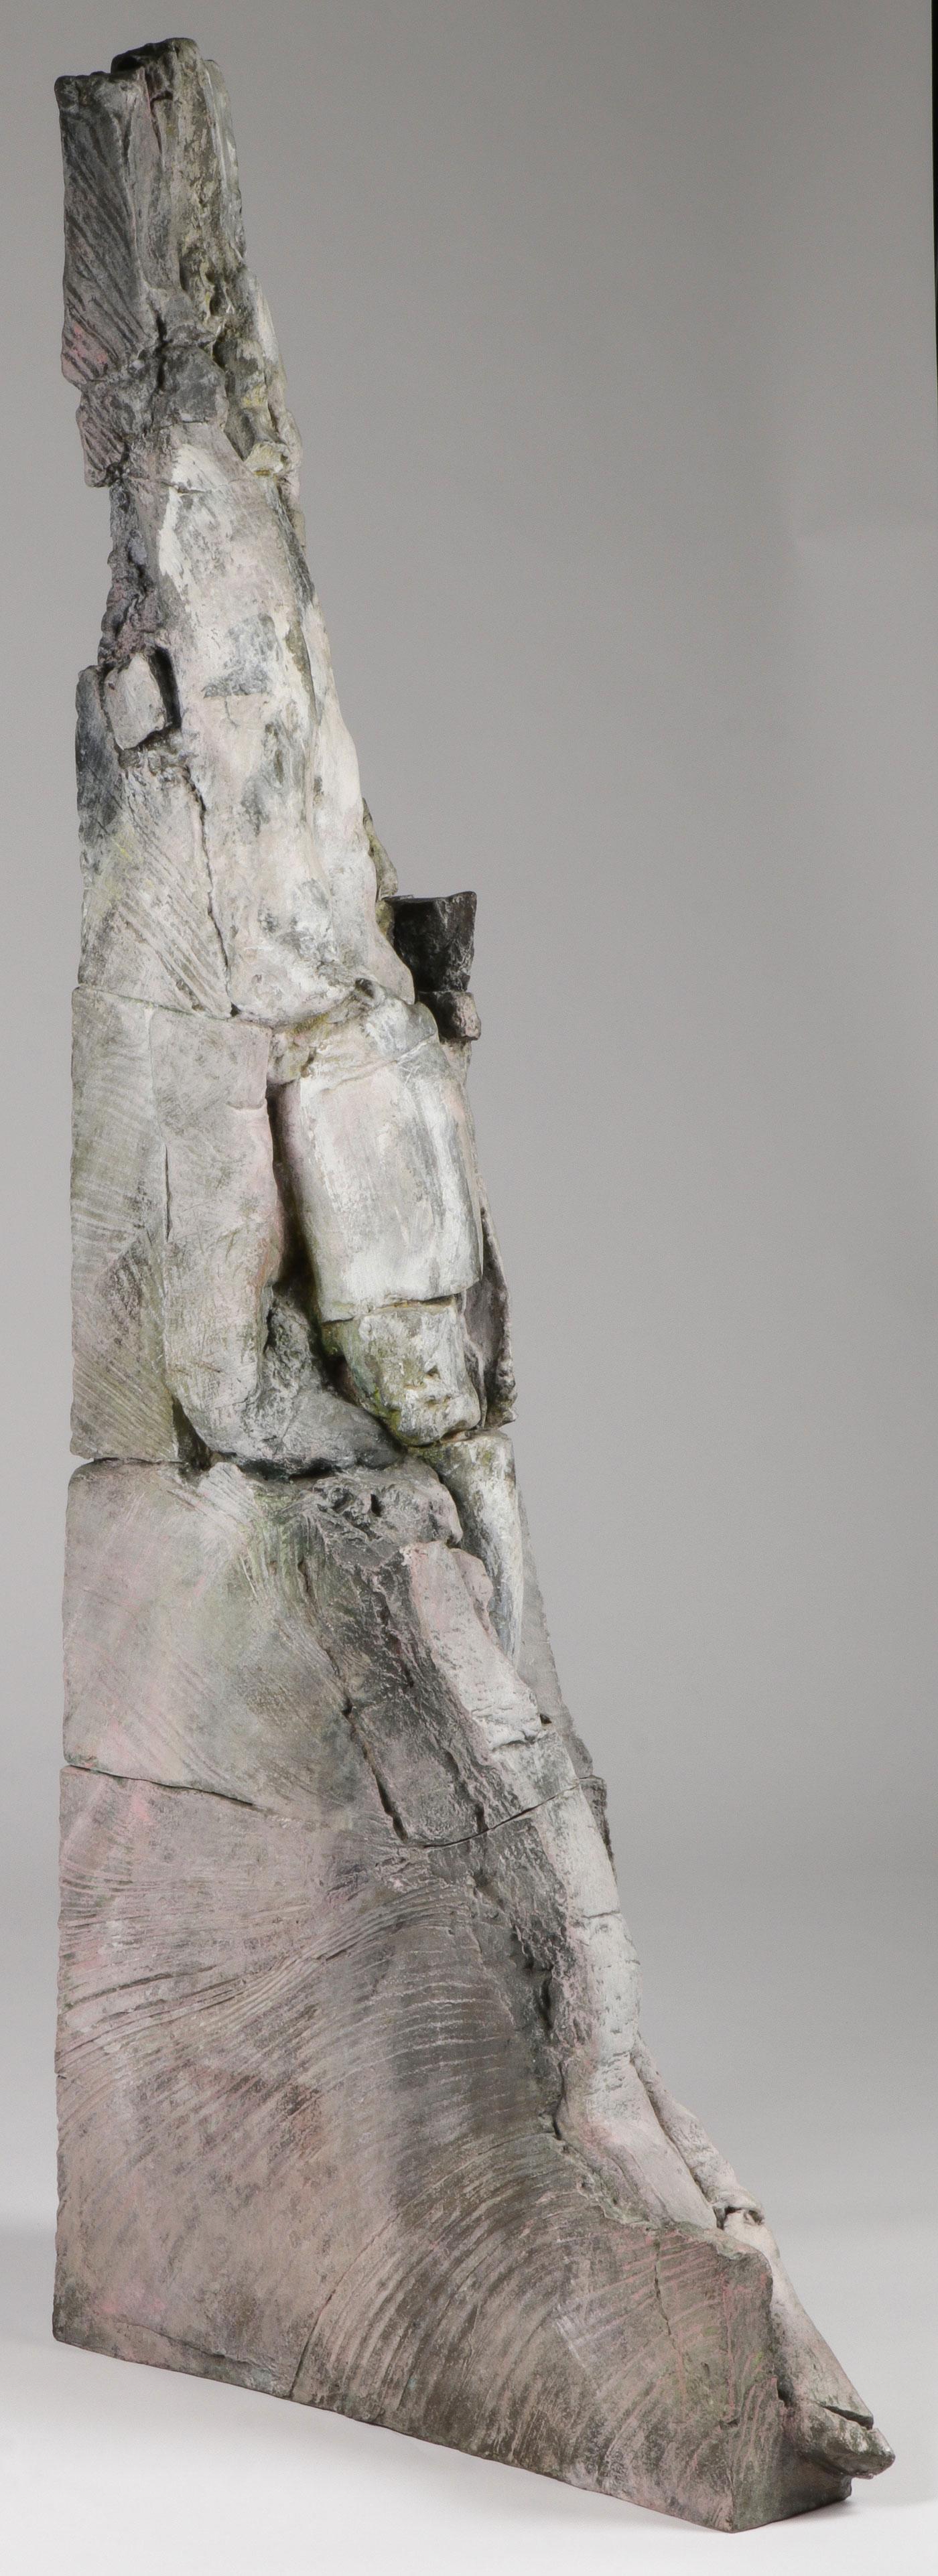 LARGE STEPHEN DE STAEBLER BRONZE - Image 3 of 5